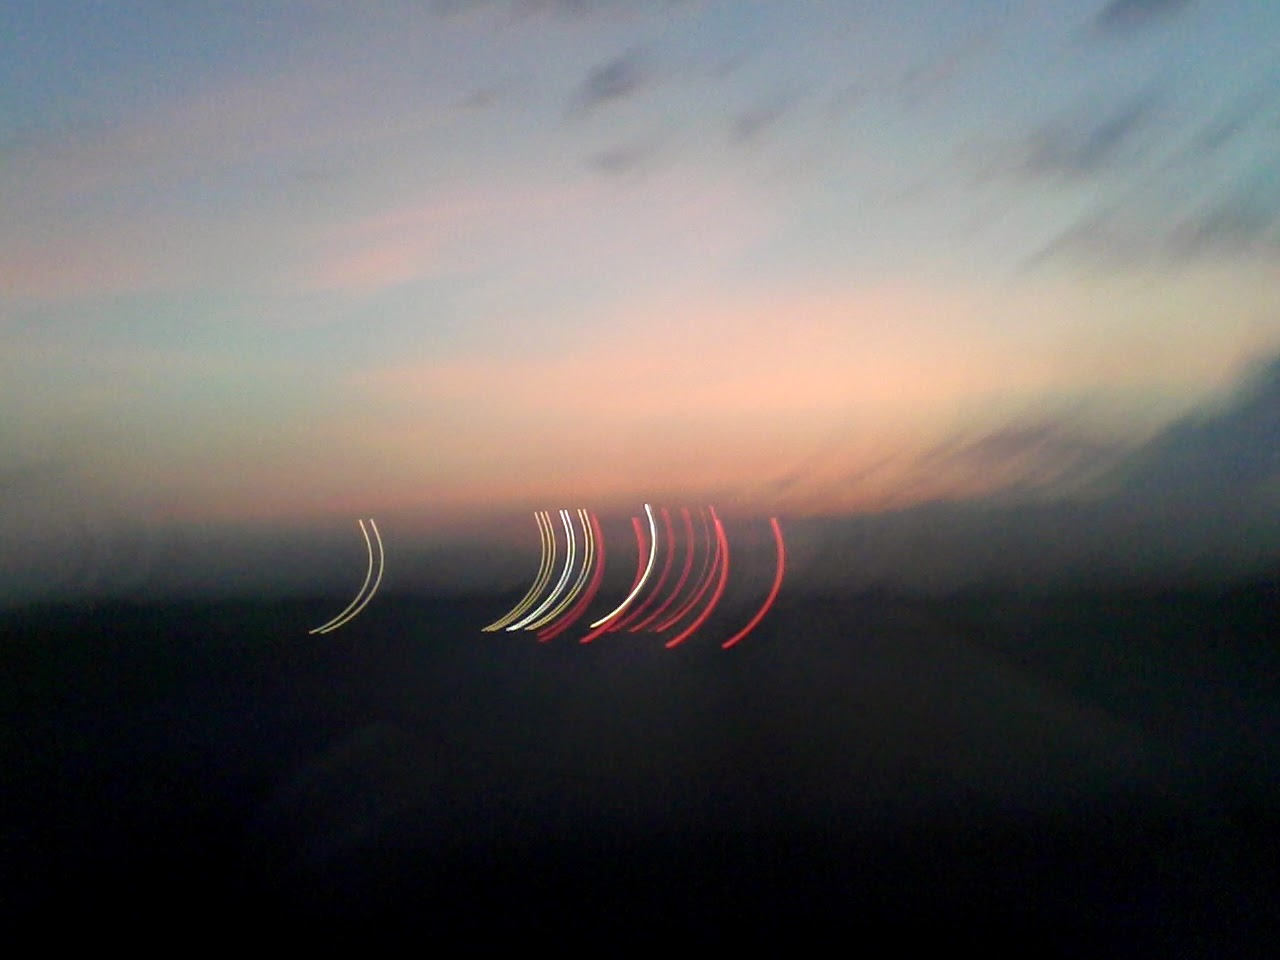 Sky - 0815063555.jpg